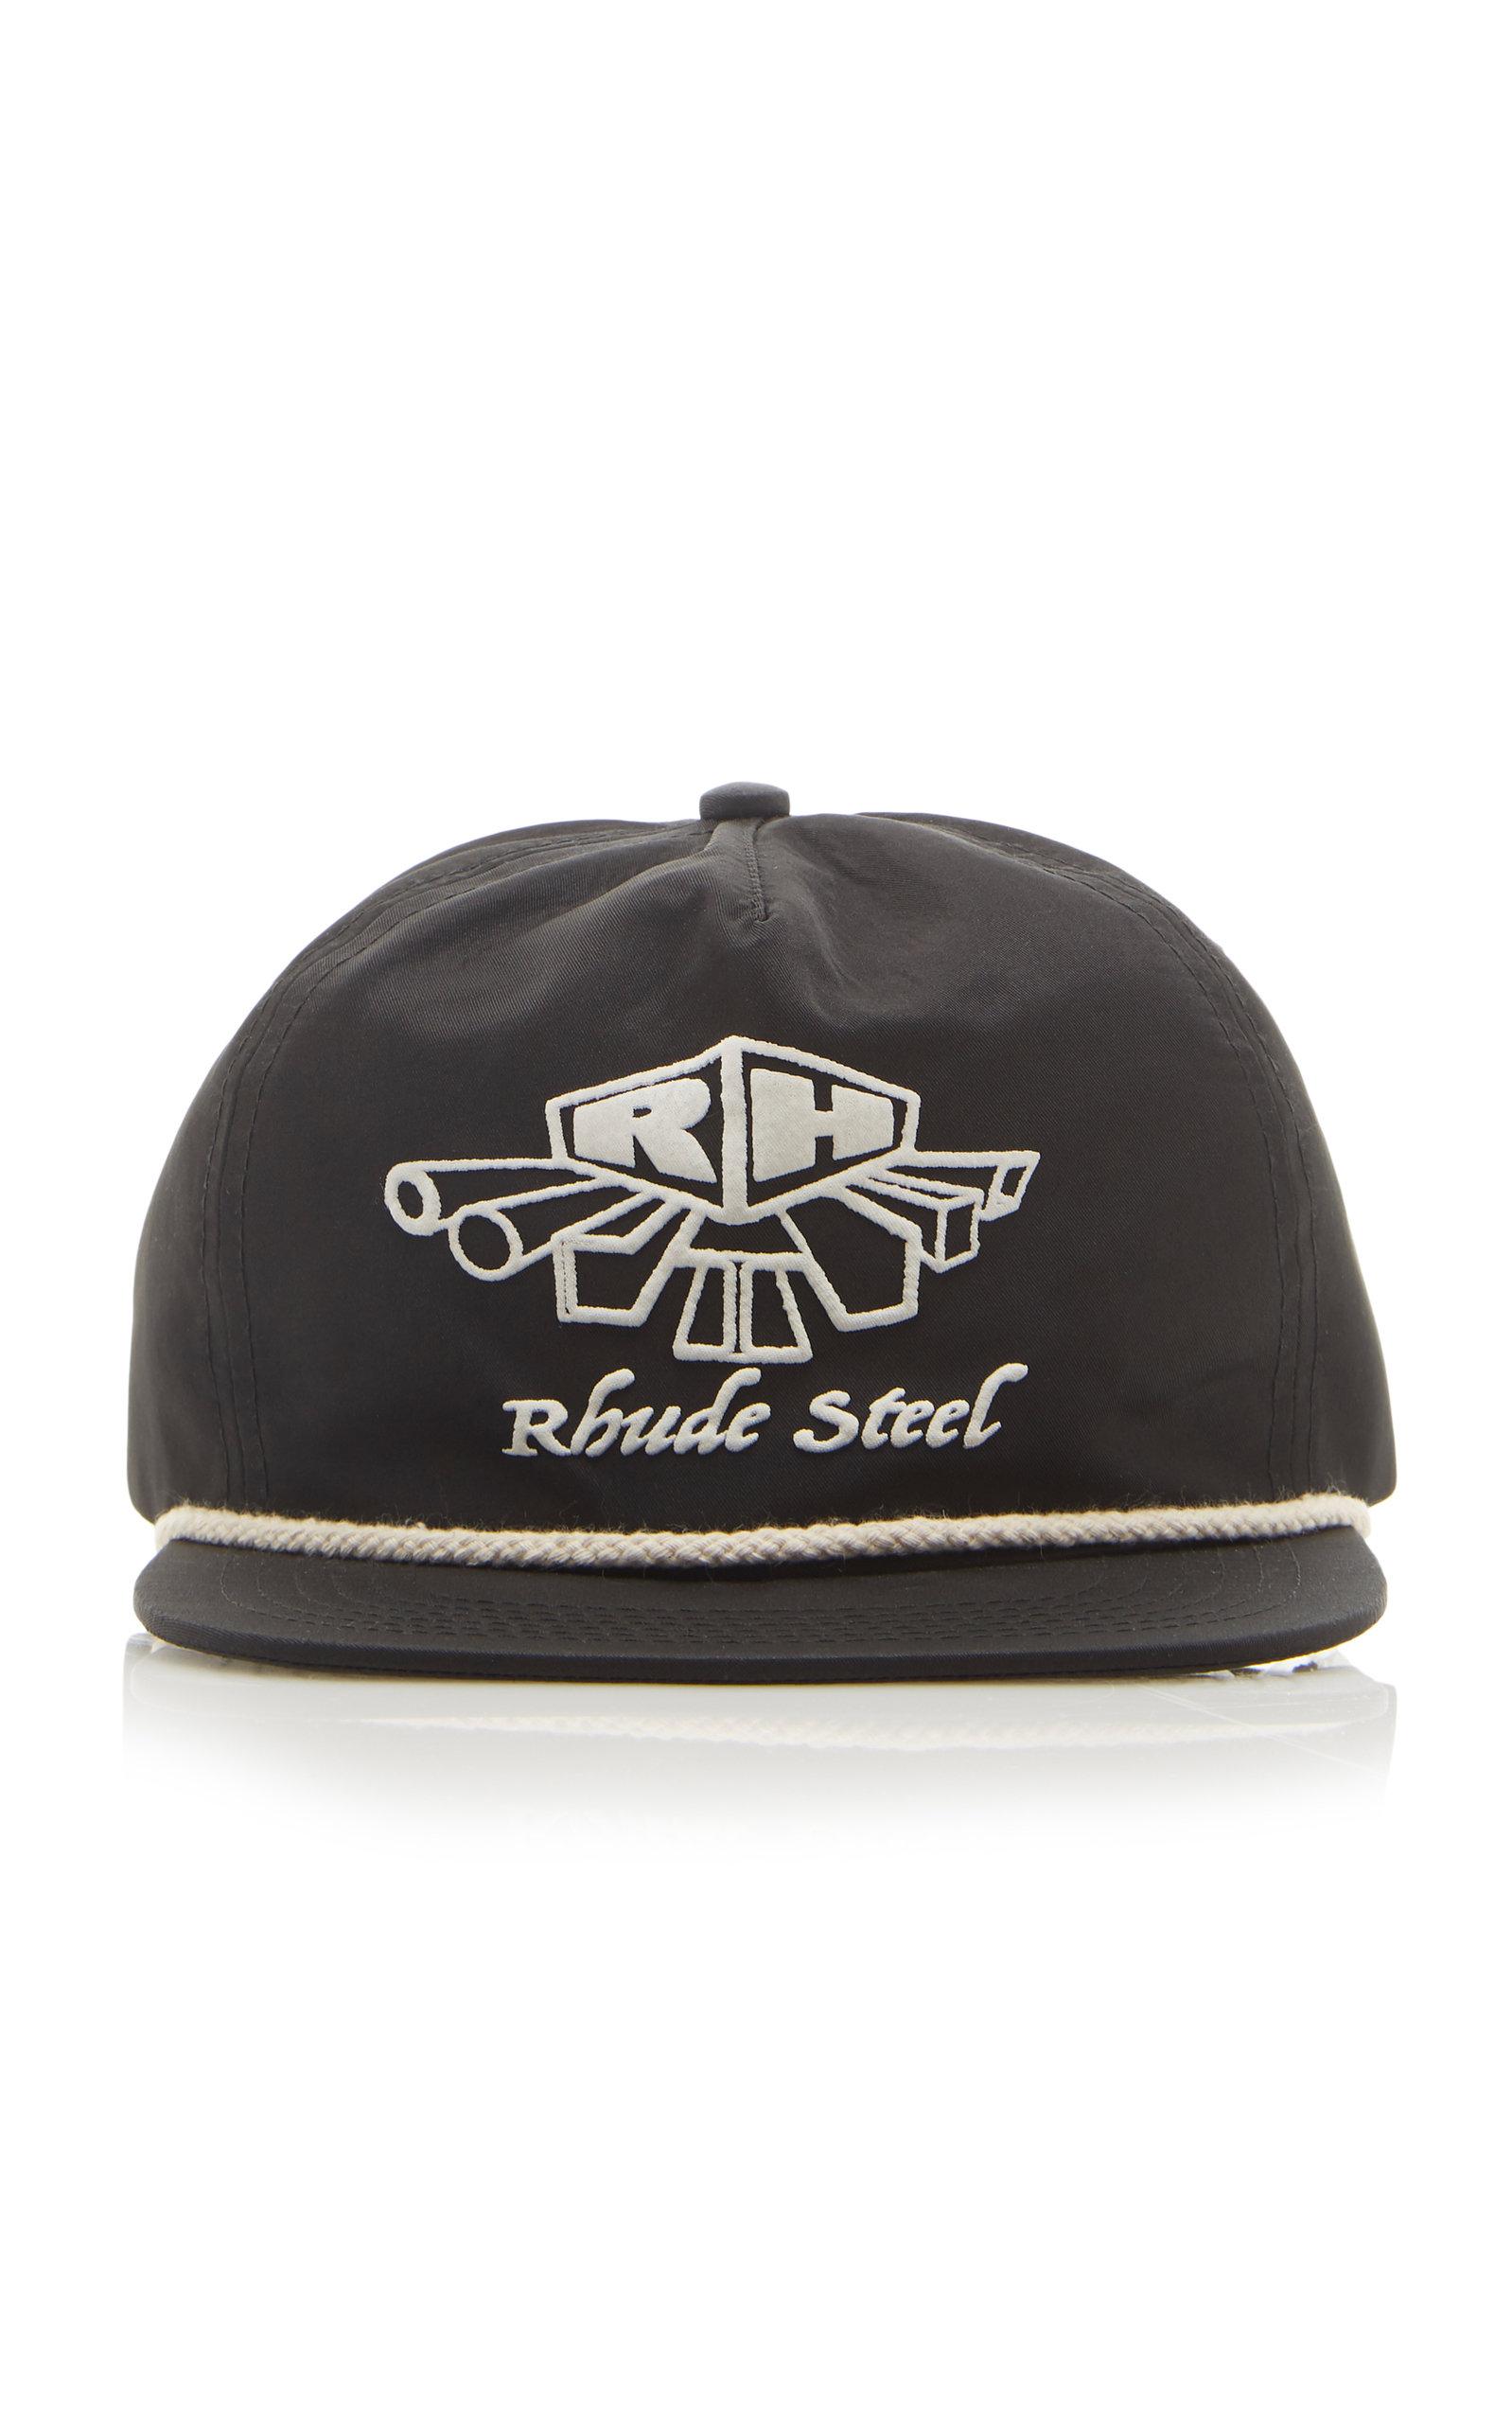 Rhude Hats Rhude Steel Hat